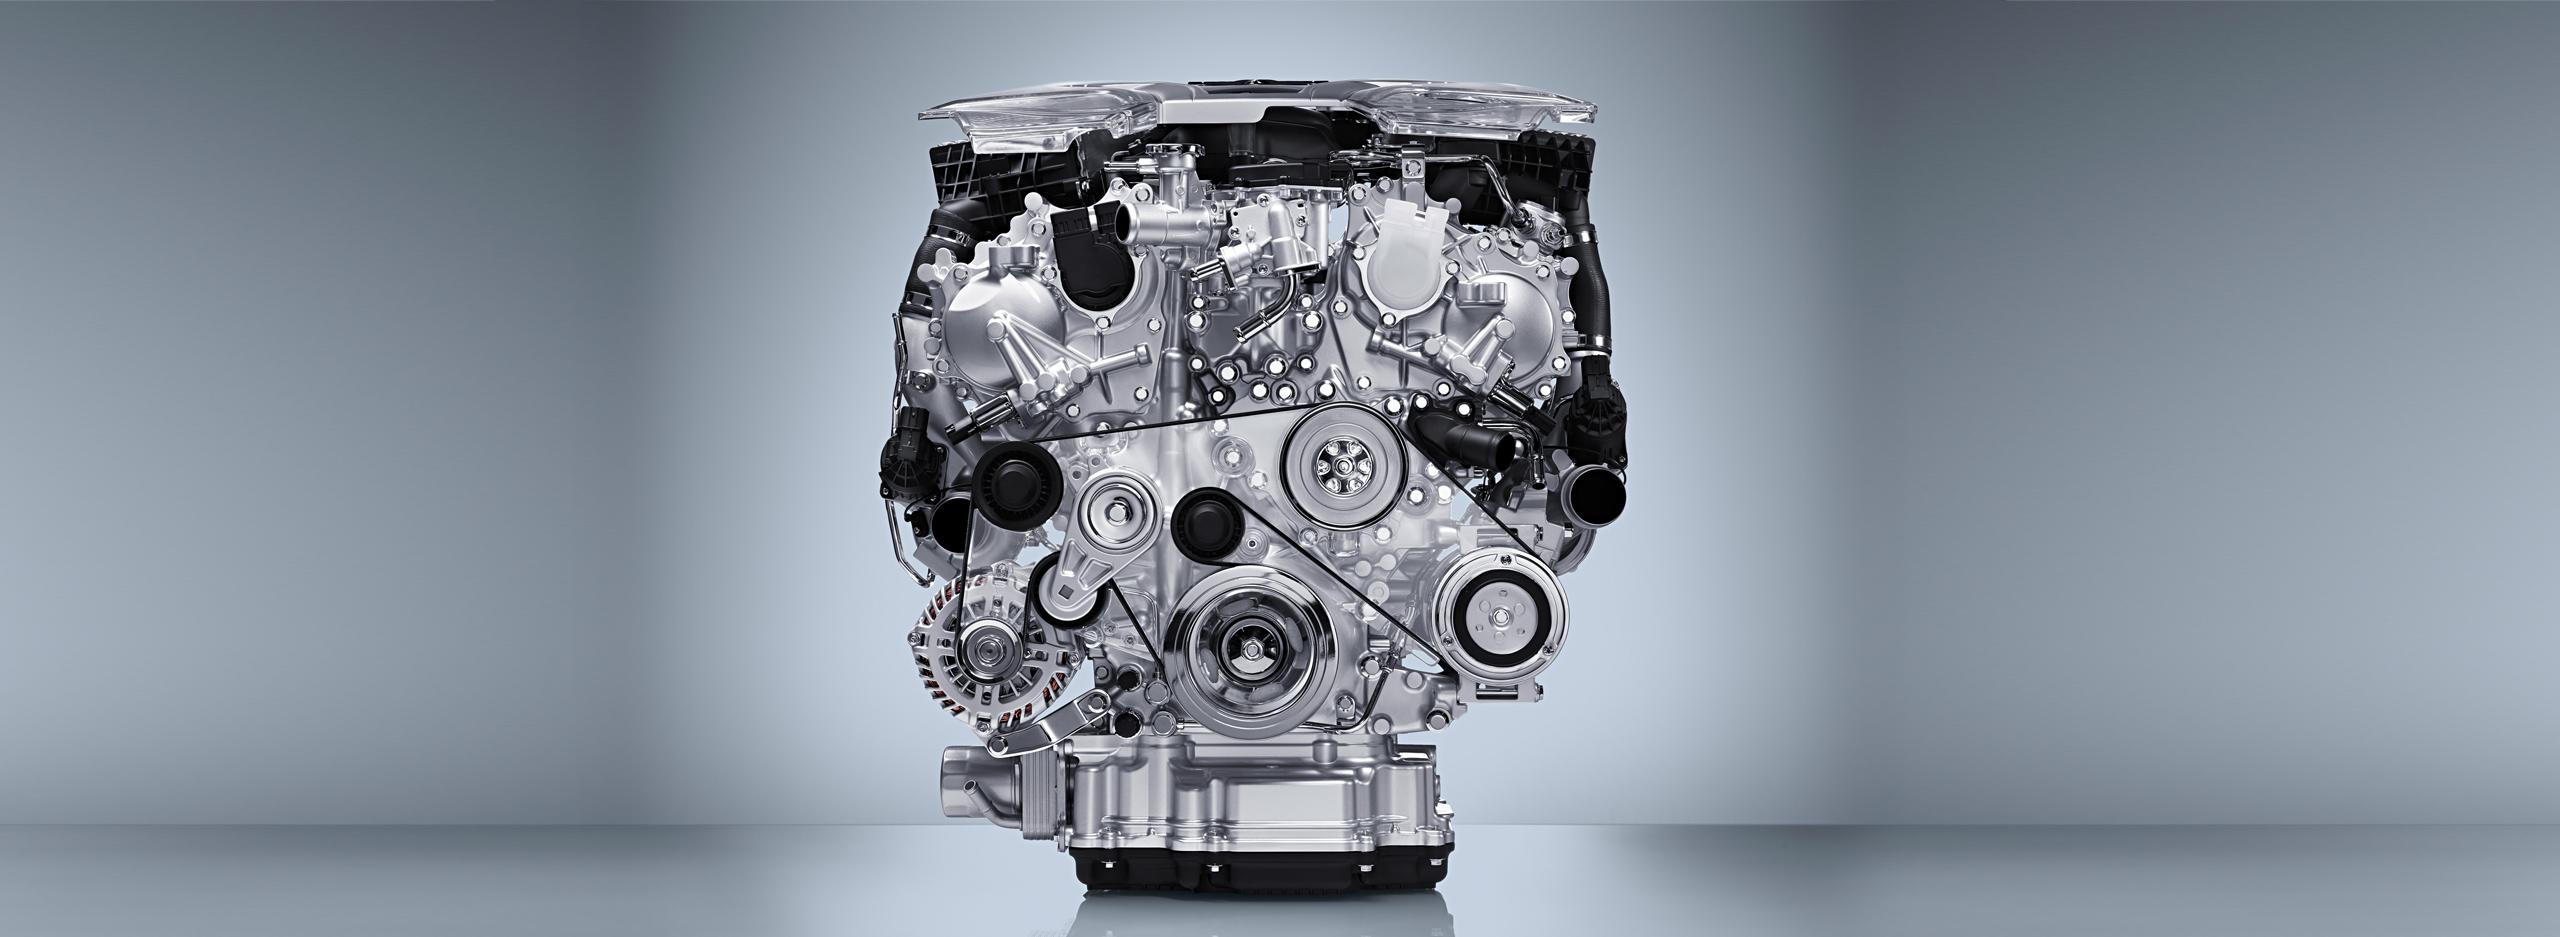 Infiniti Q60 V6 - engine / moteur - VR30DDTT